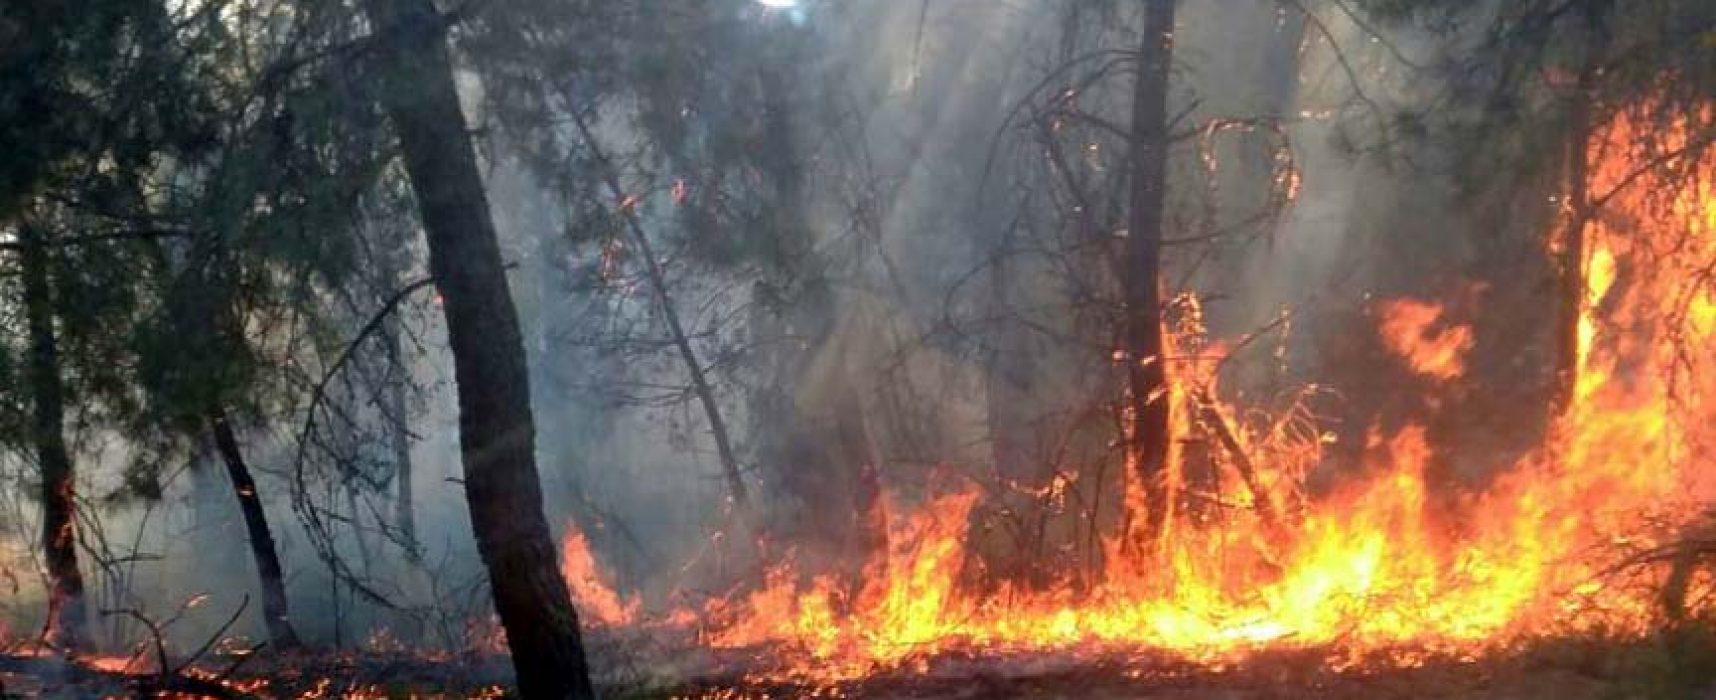 La Junta mantiene el nivel 1 en el incendio de Navalilla por las malas condiciones meteorológicas